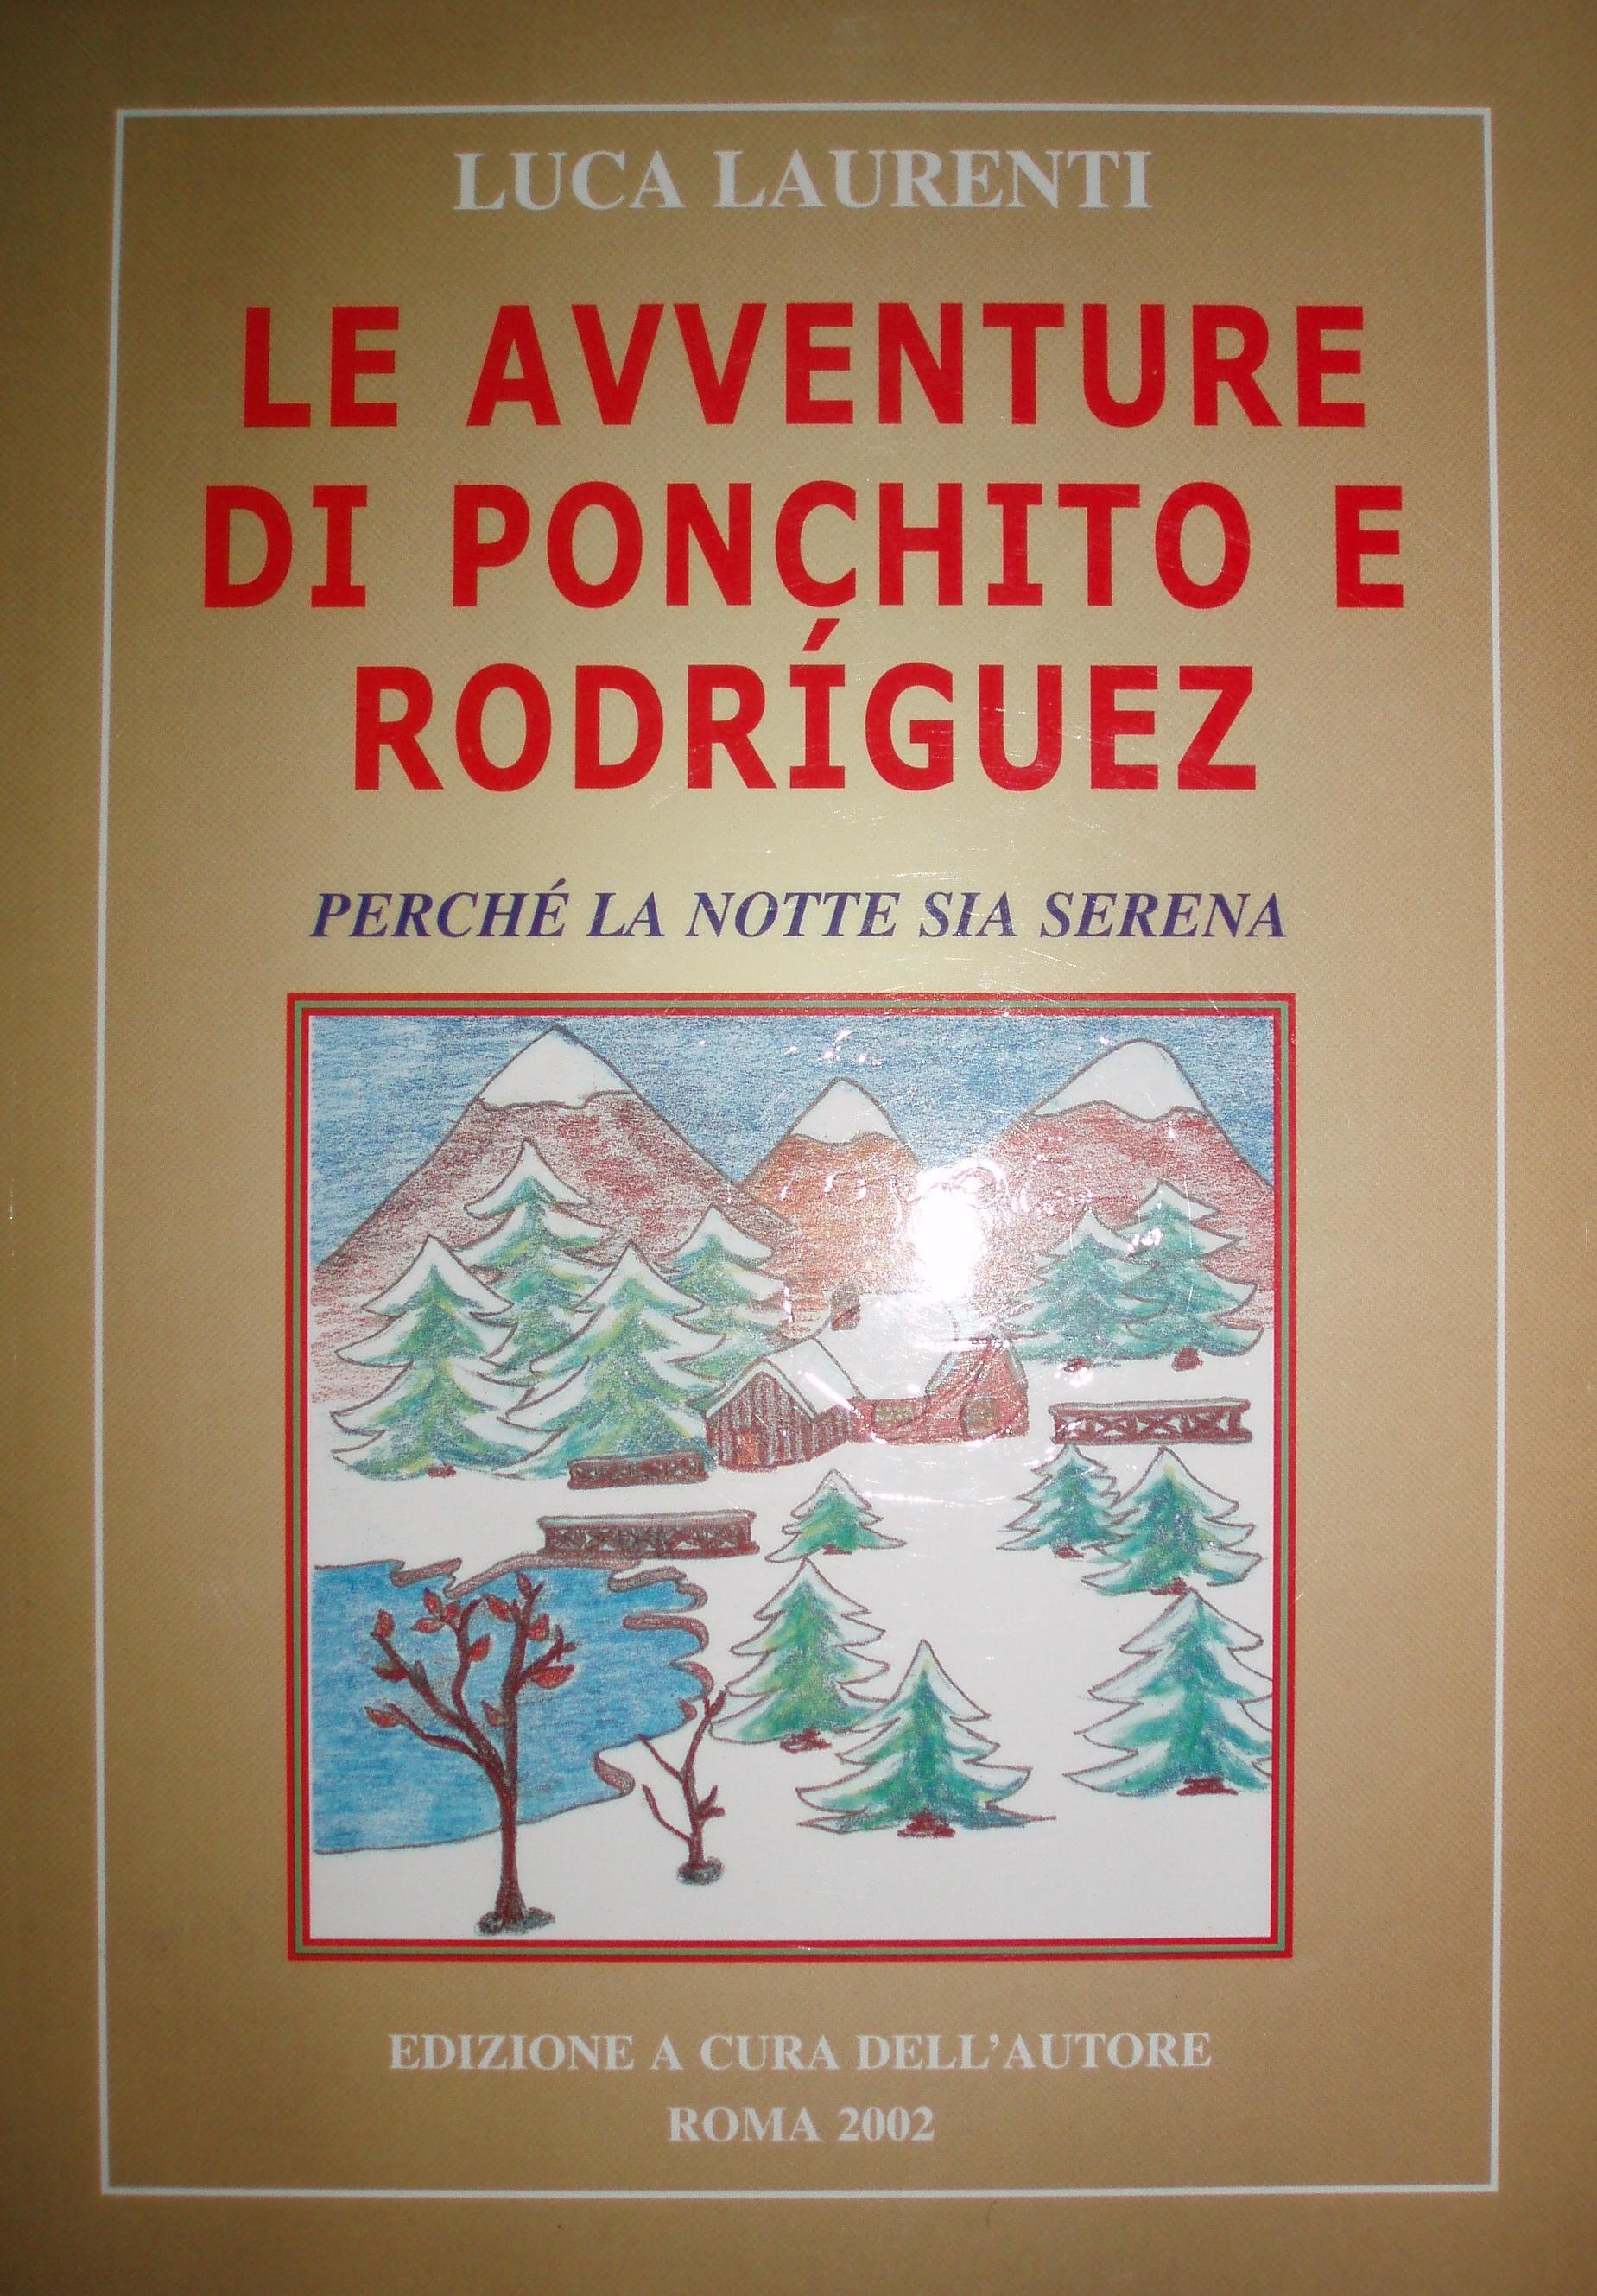 Le avventure di Ponchito e Rodríguez